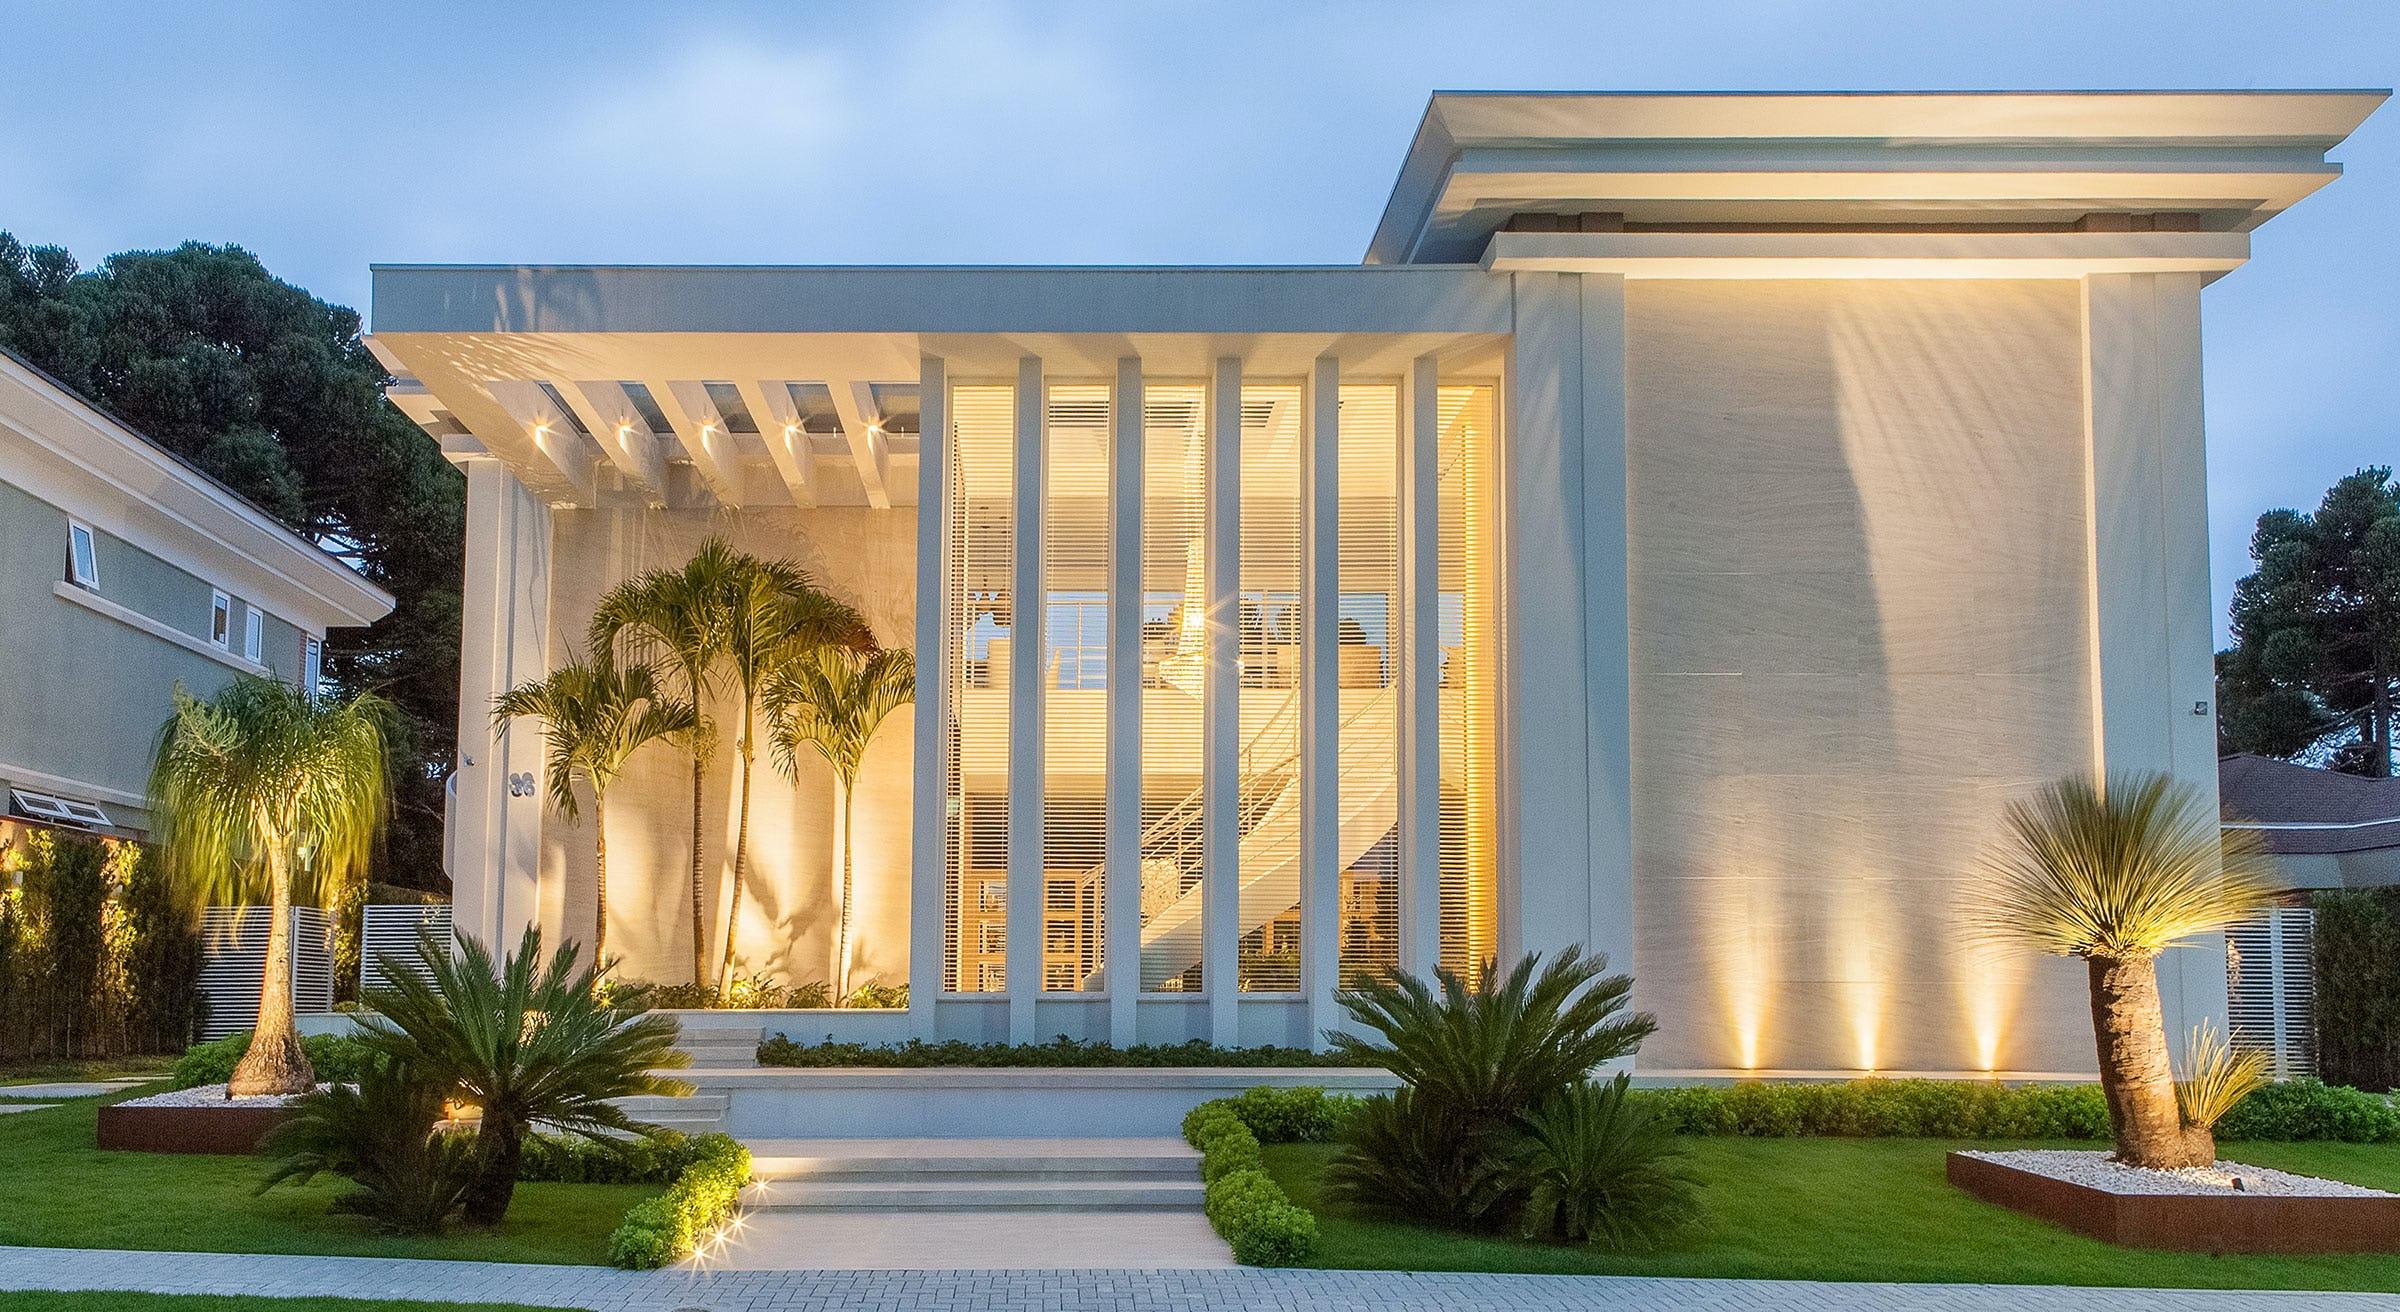 limestone-fachada-arquitetare